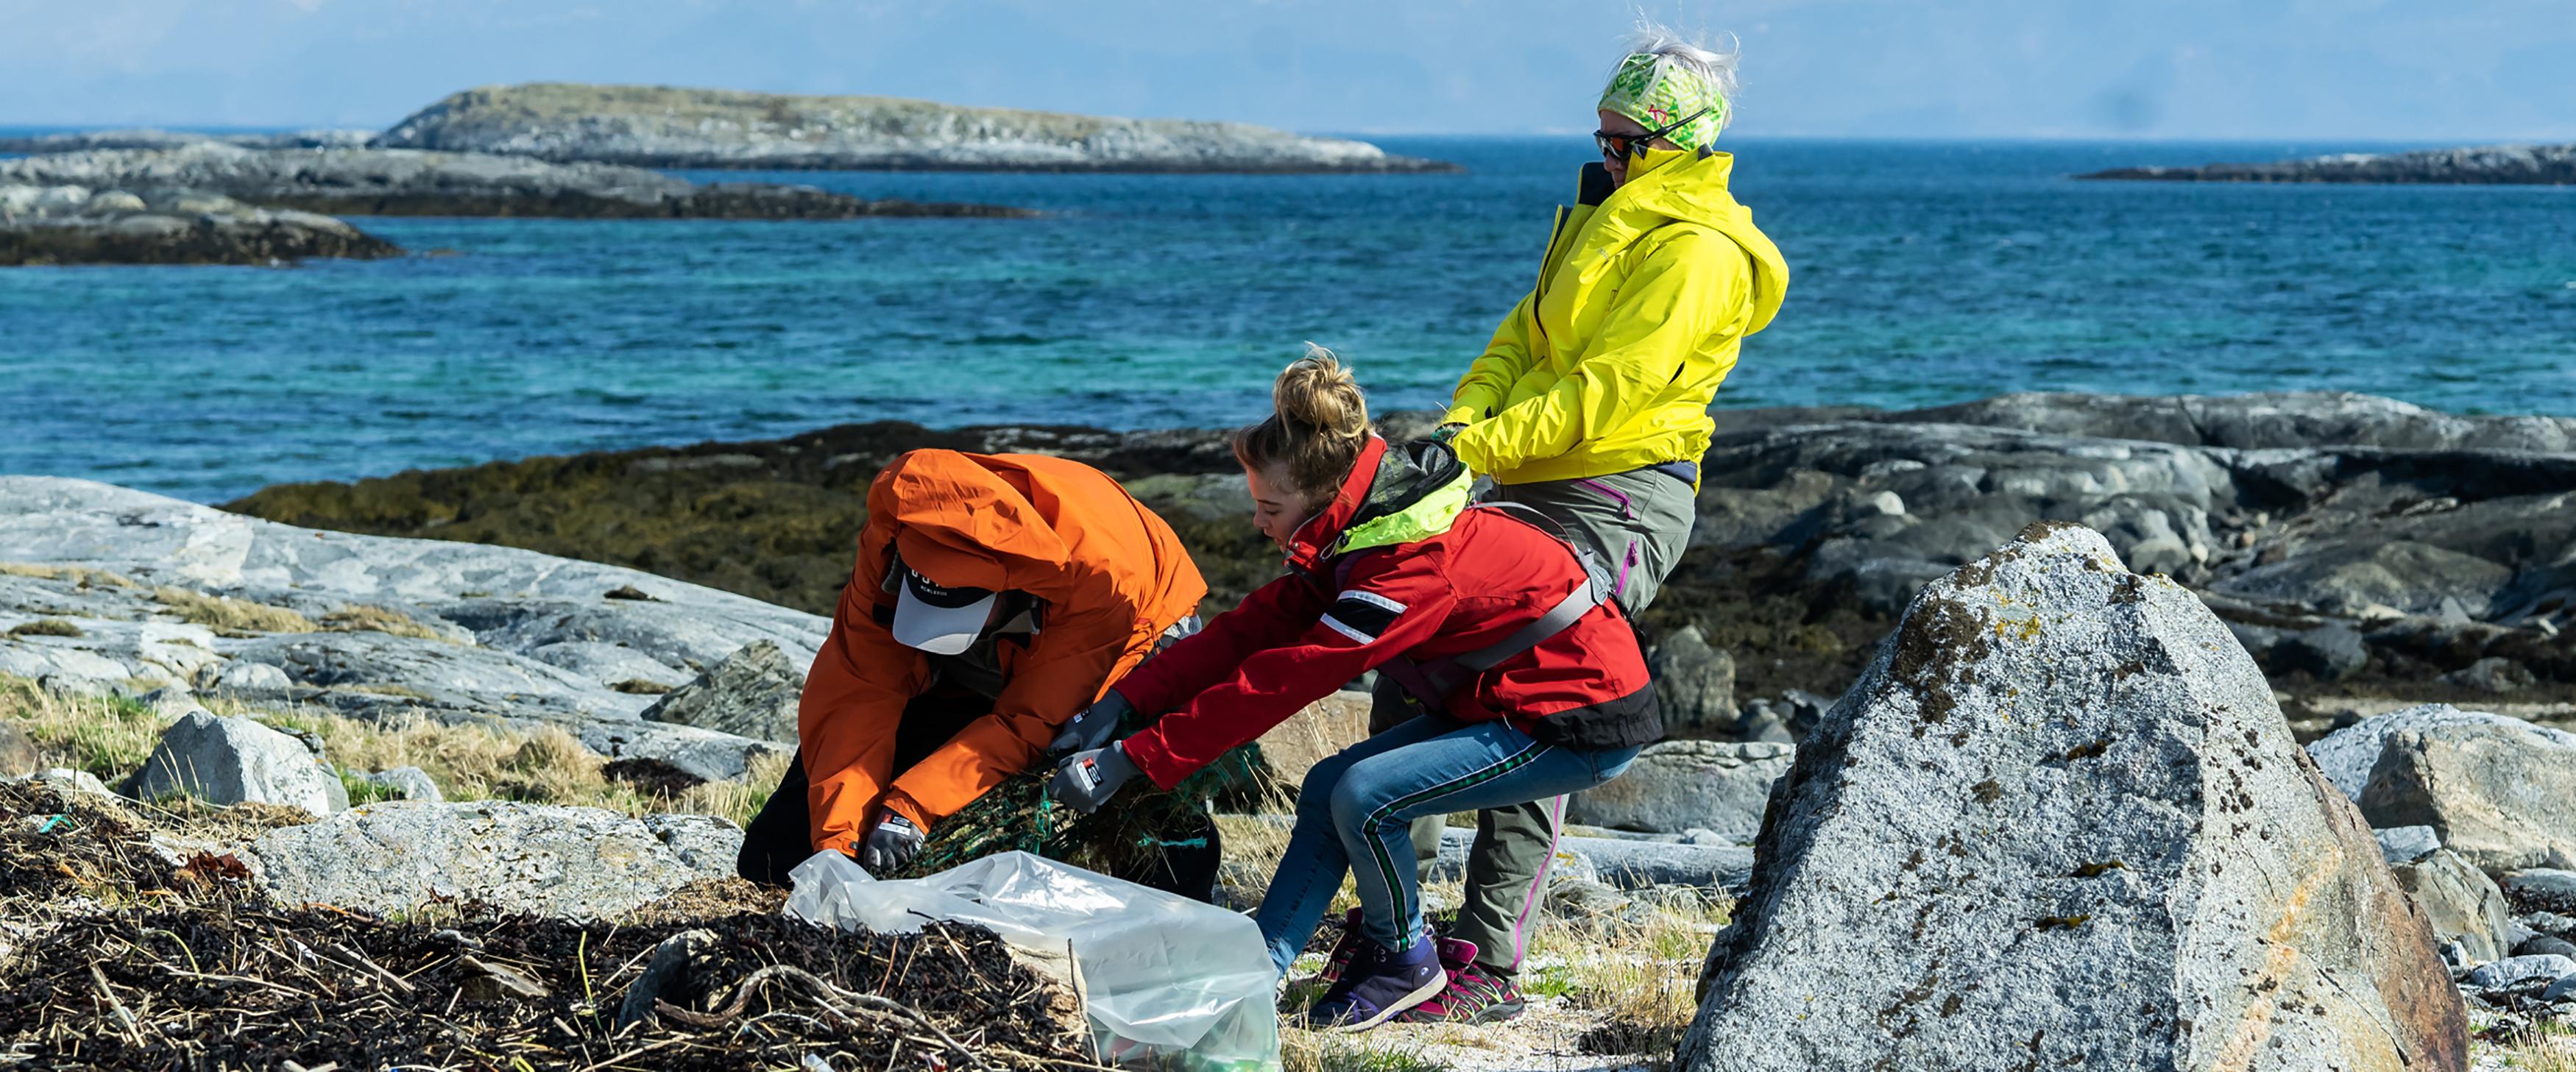 Personer som rydder avfall i strandsonen